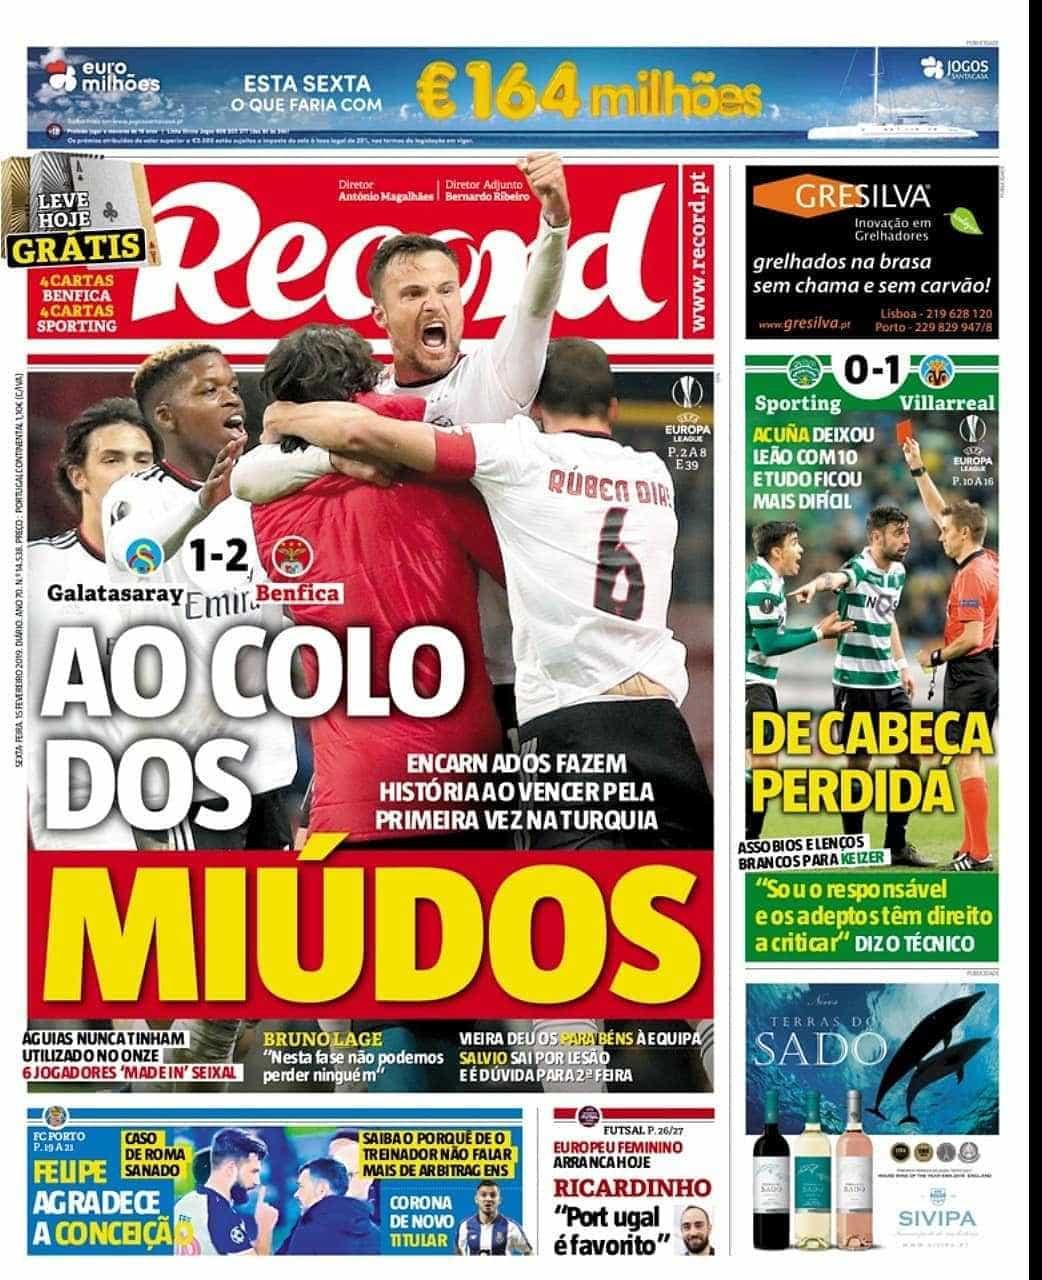 Por cá: Benfica ao colo dos miúdos e um Sporting de cabeça perdida